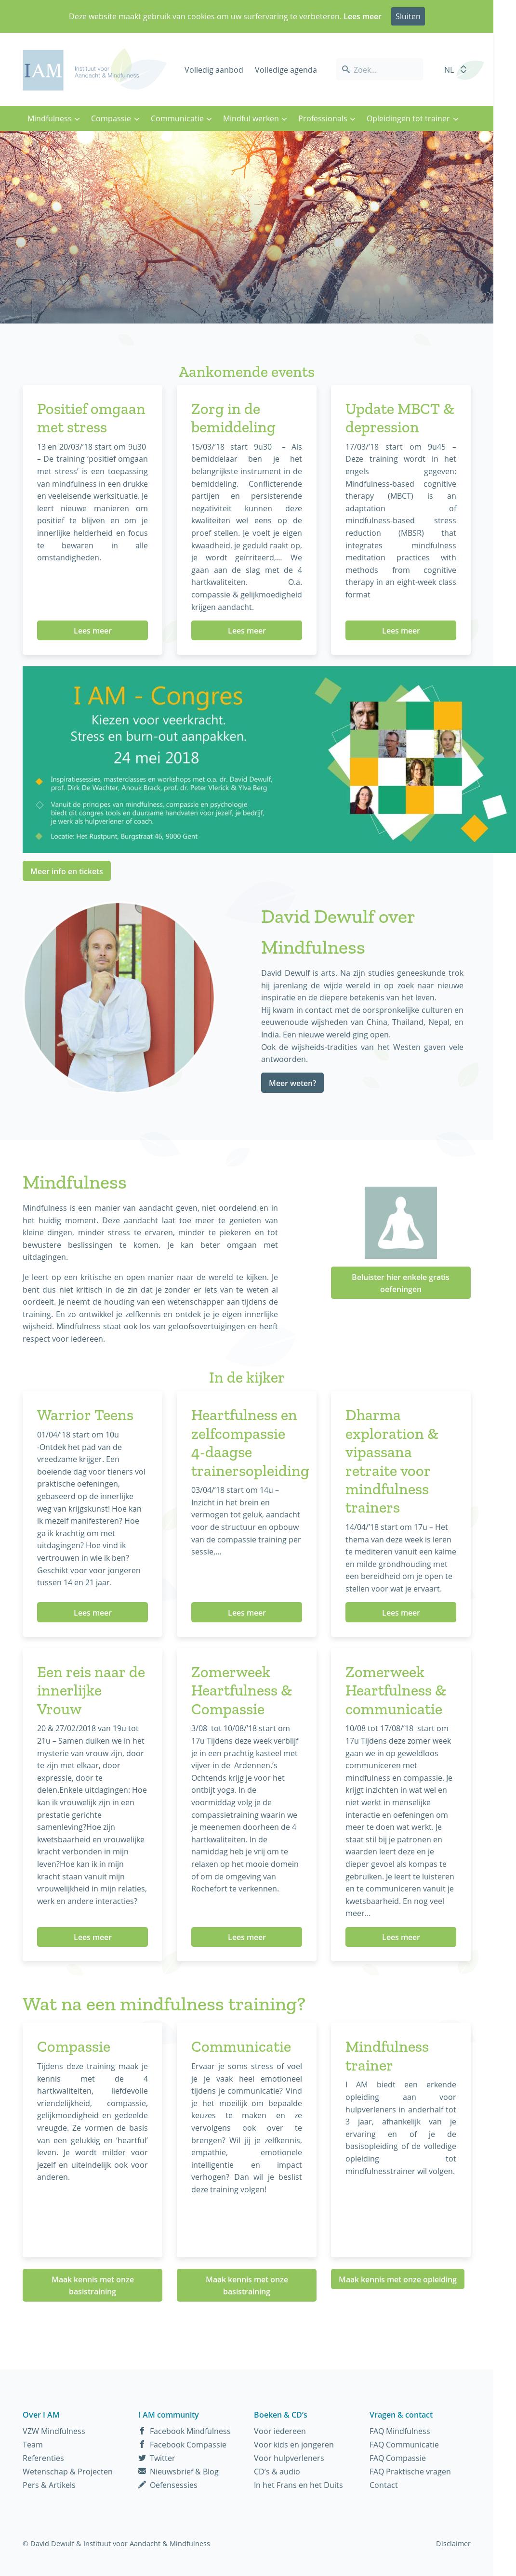 Instituut Voor Aandacht En Mindfulness Competitors Revenue